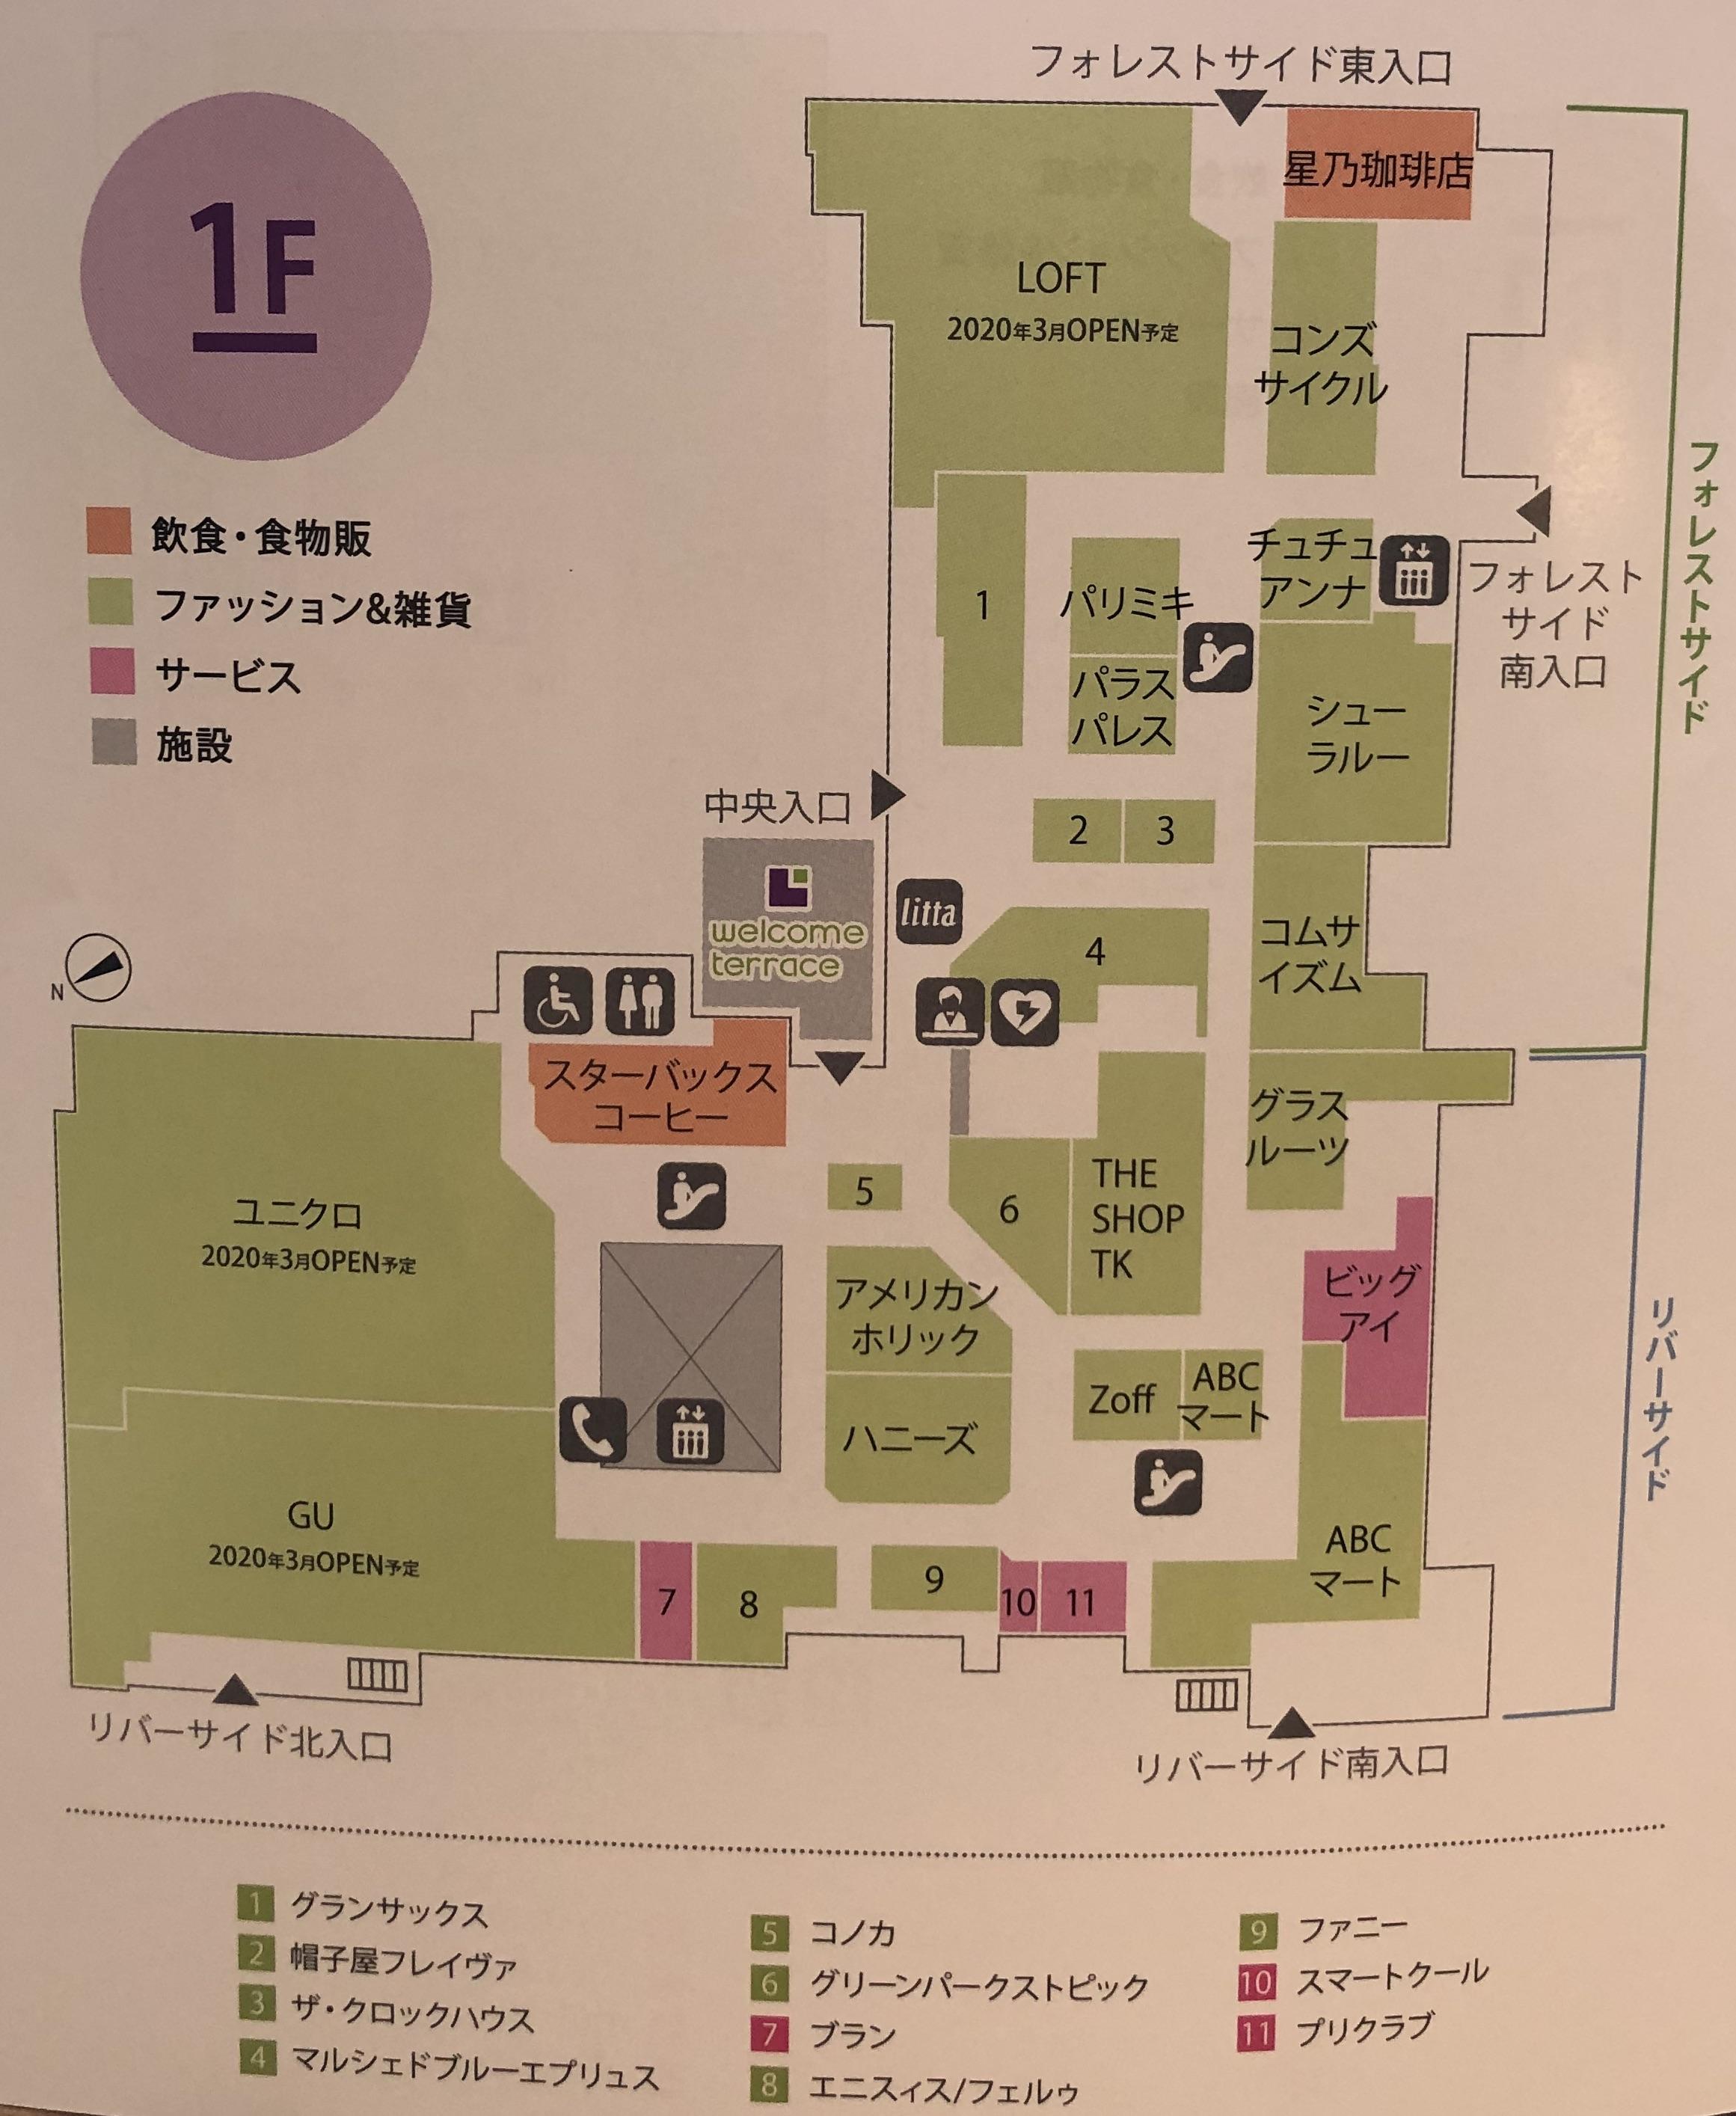 カナート洛北(洛北阪急スクエア)1階の店舗一覧と店内写真